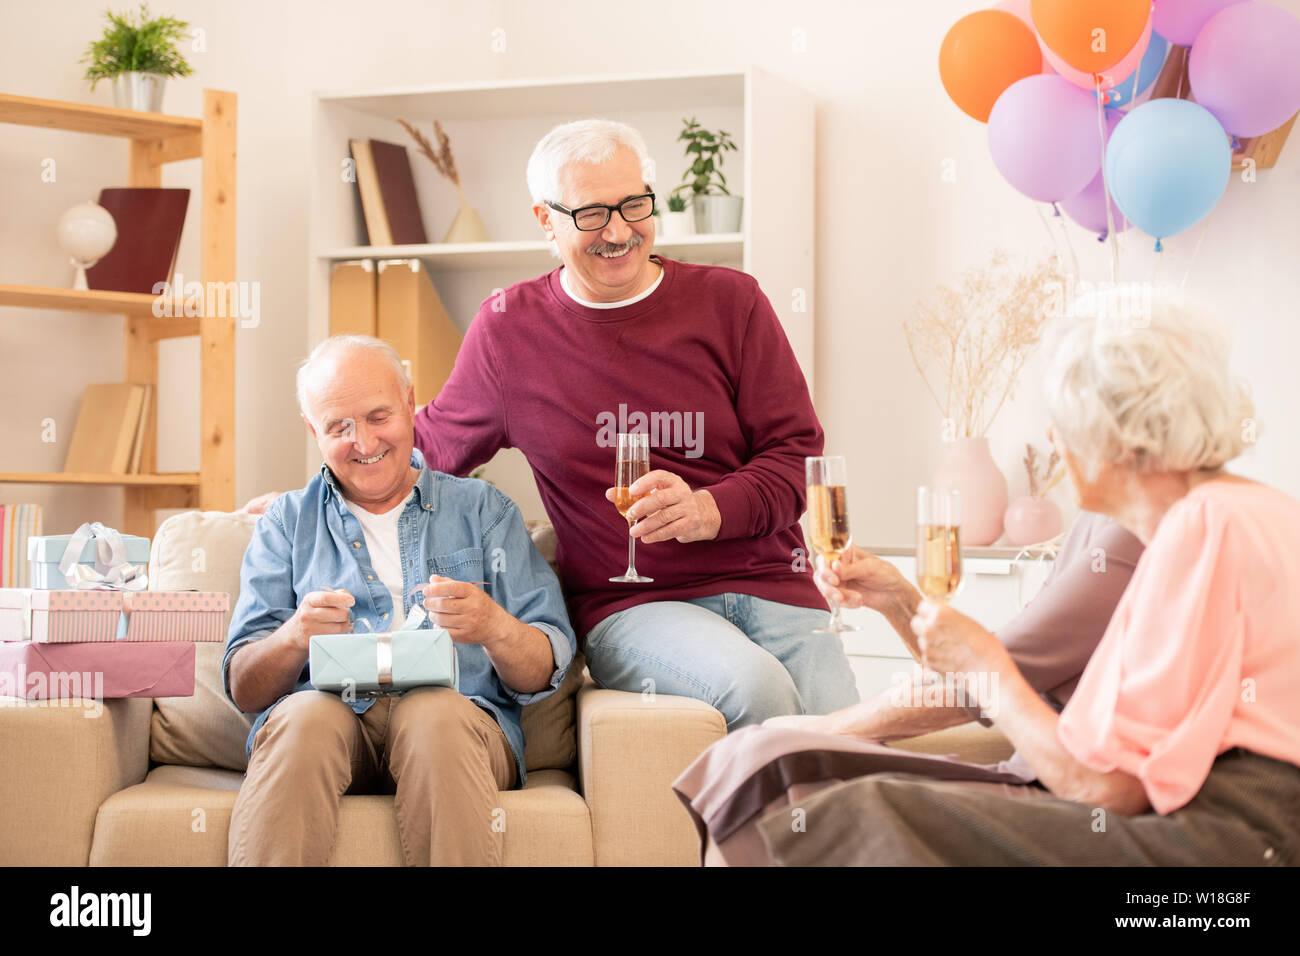 Zwei glückliche älterer Menschen und ihre Frauen mit Flöten Champagner genießen Home Party Stockbild